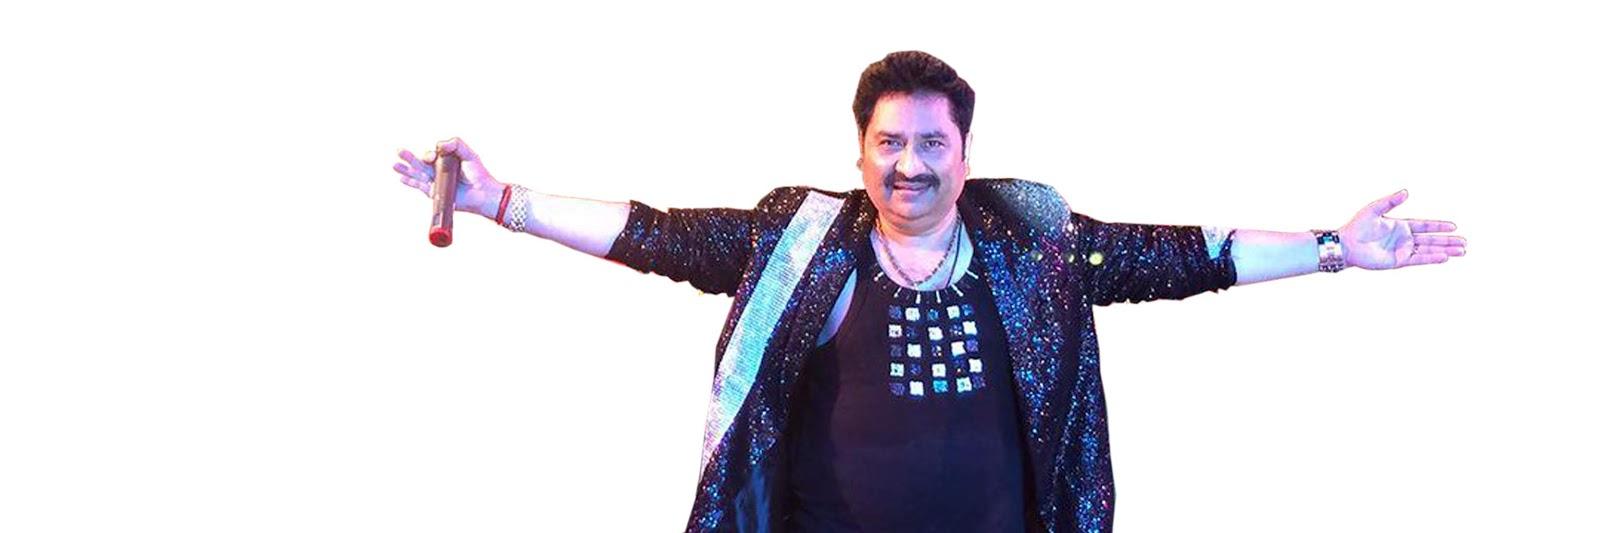 Kumar Sanu Rare Song Kumar Sanu Rare Song Kumar Sanu Unreleased